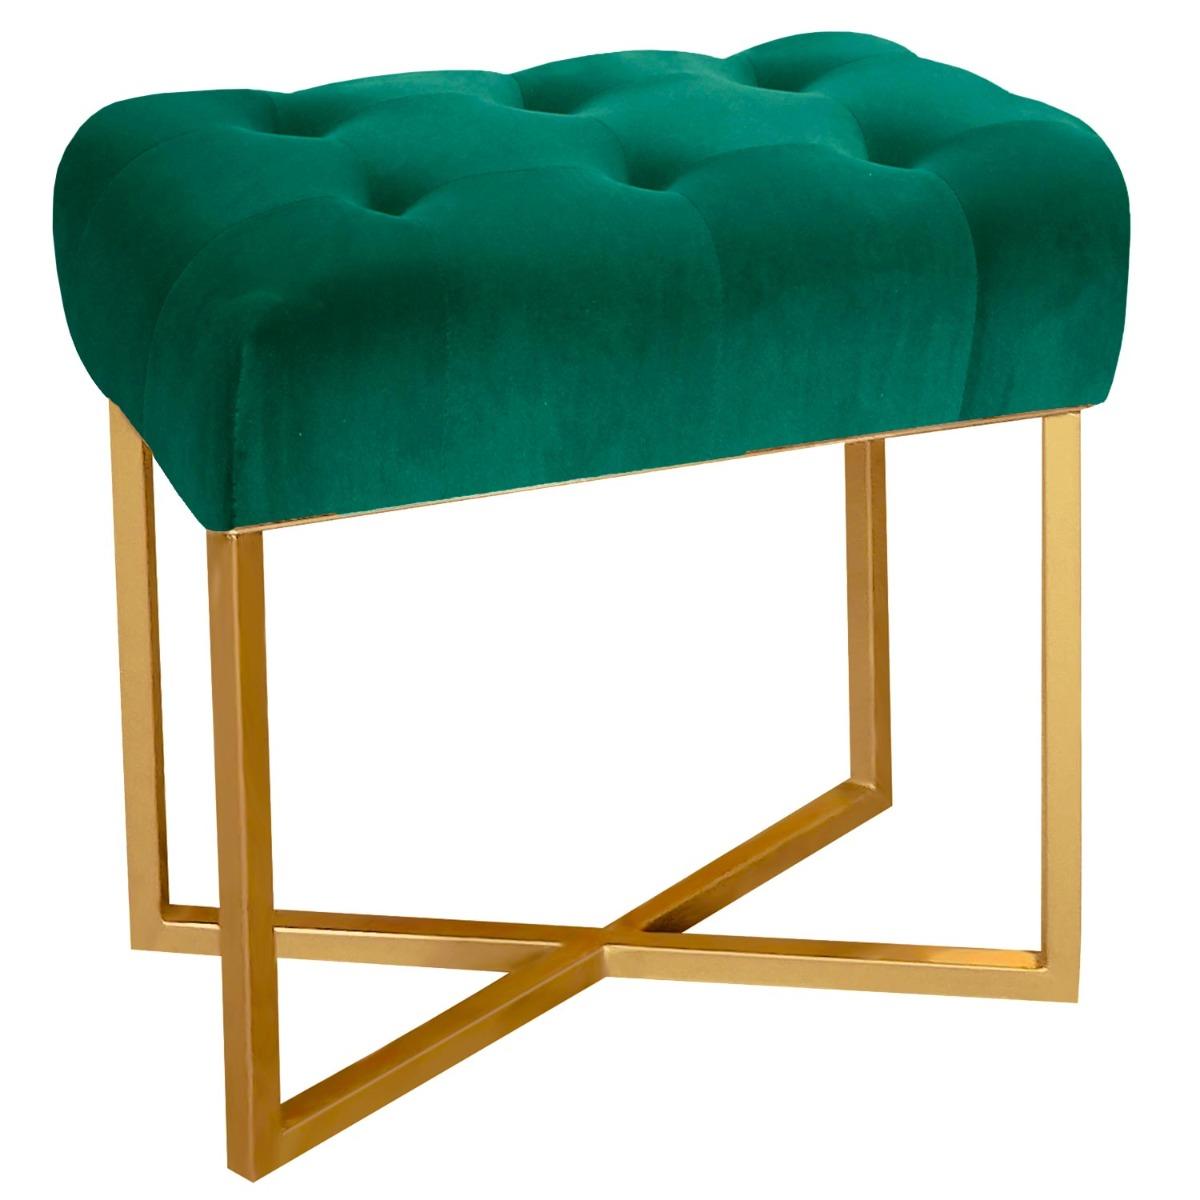 Tabouret pouf rectangle Fauve Velours Vert pied Or